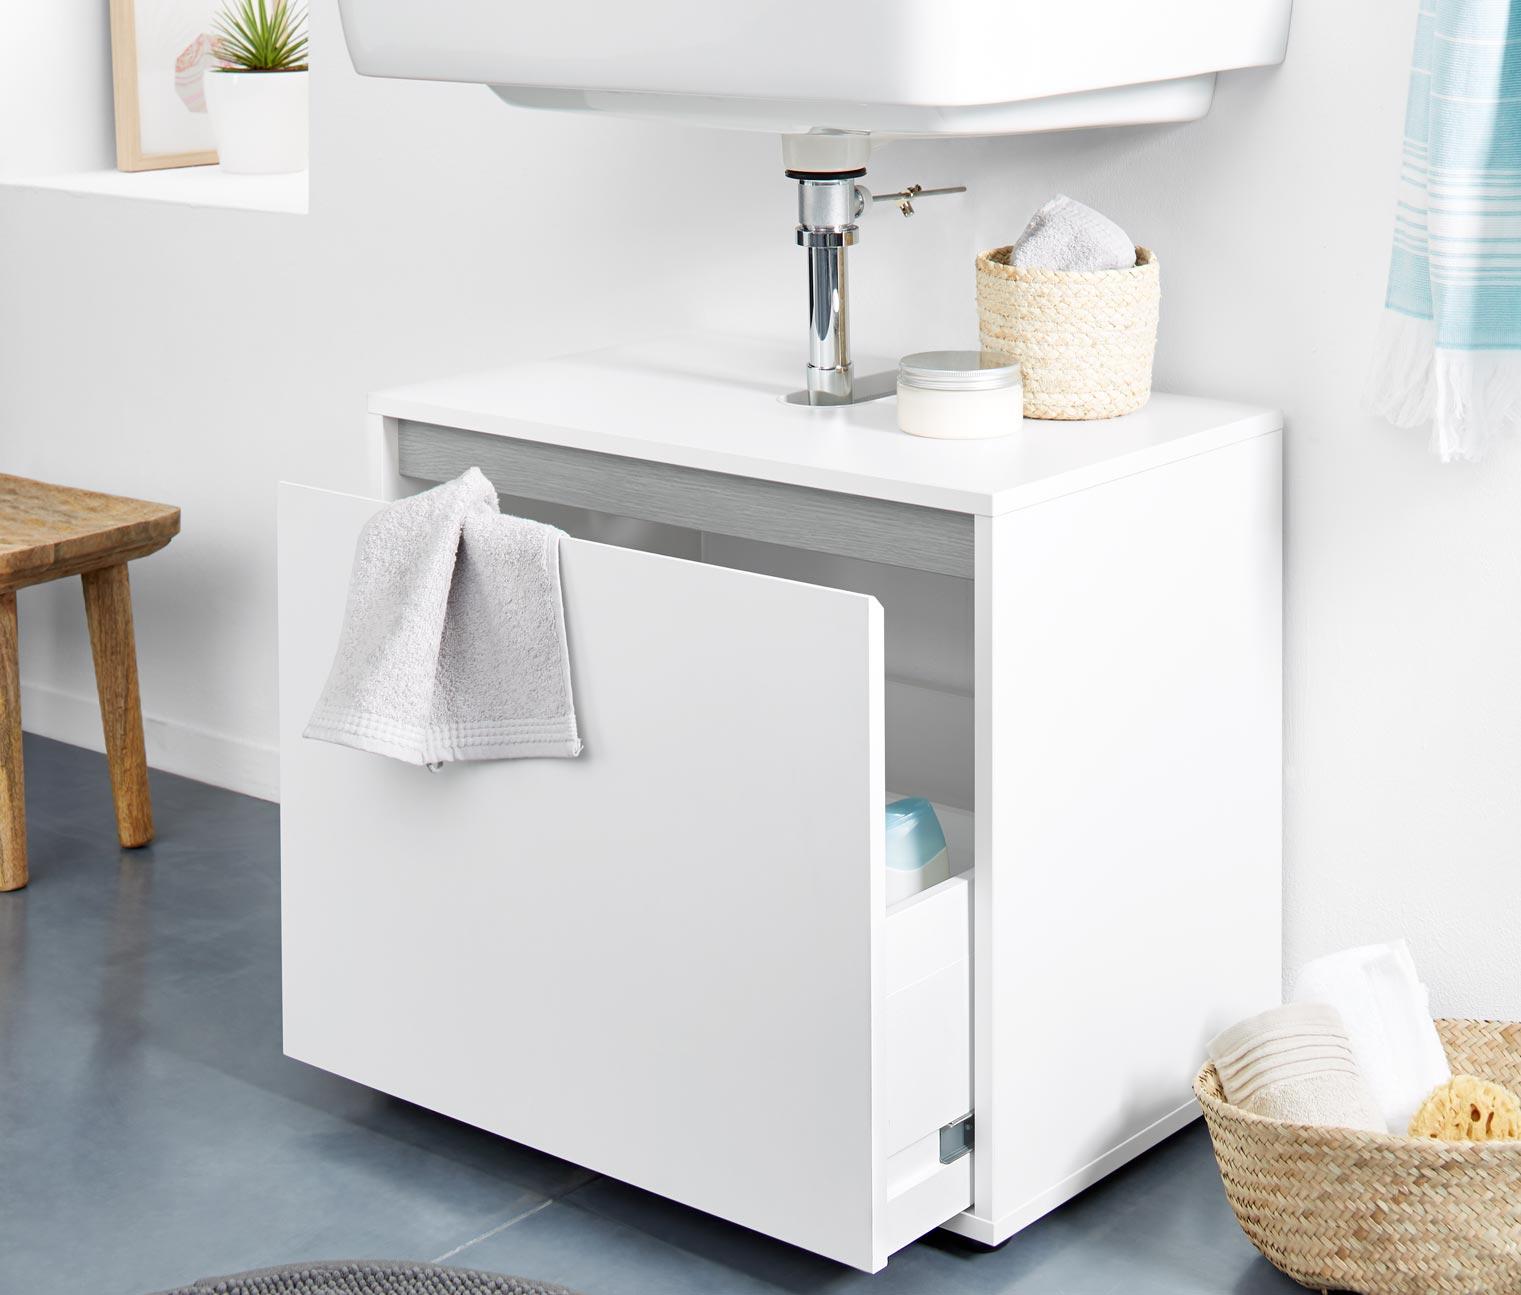 Image of Waschbeckenunterschrank